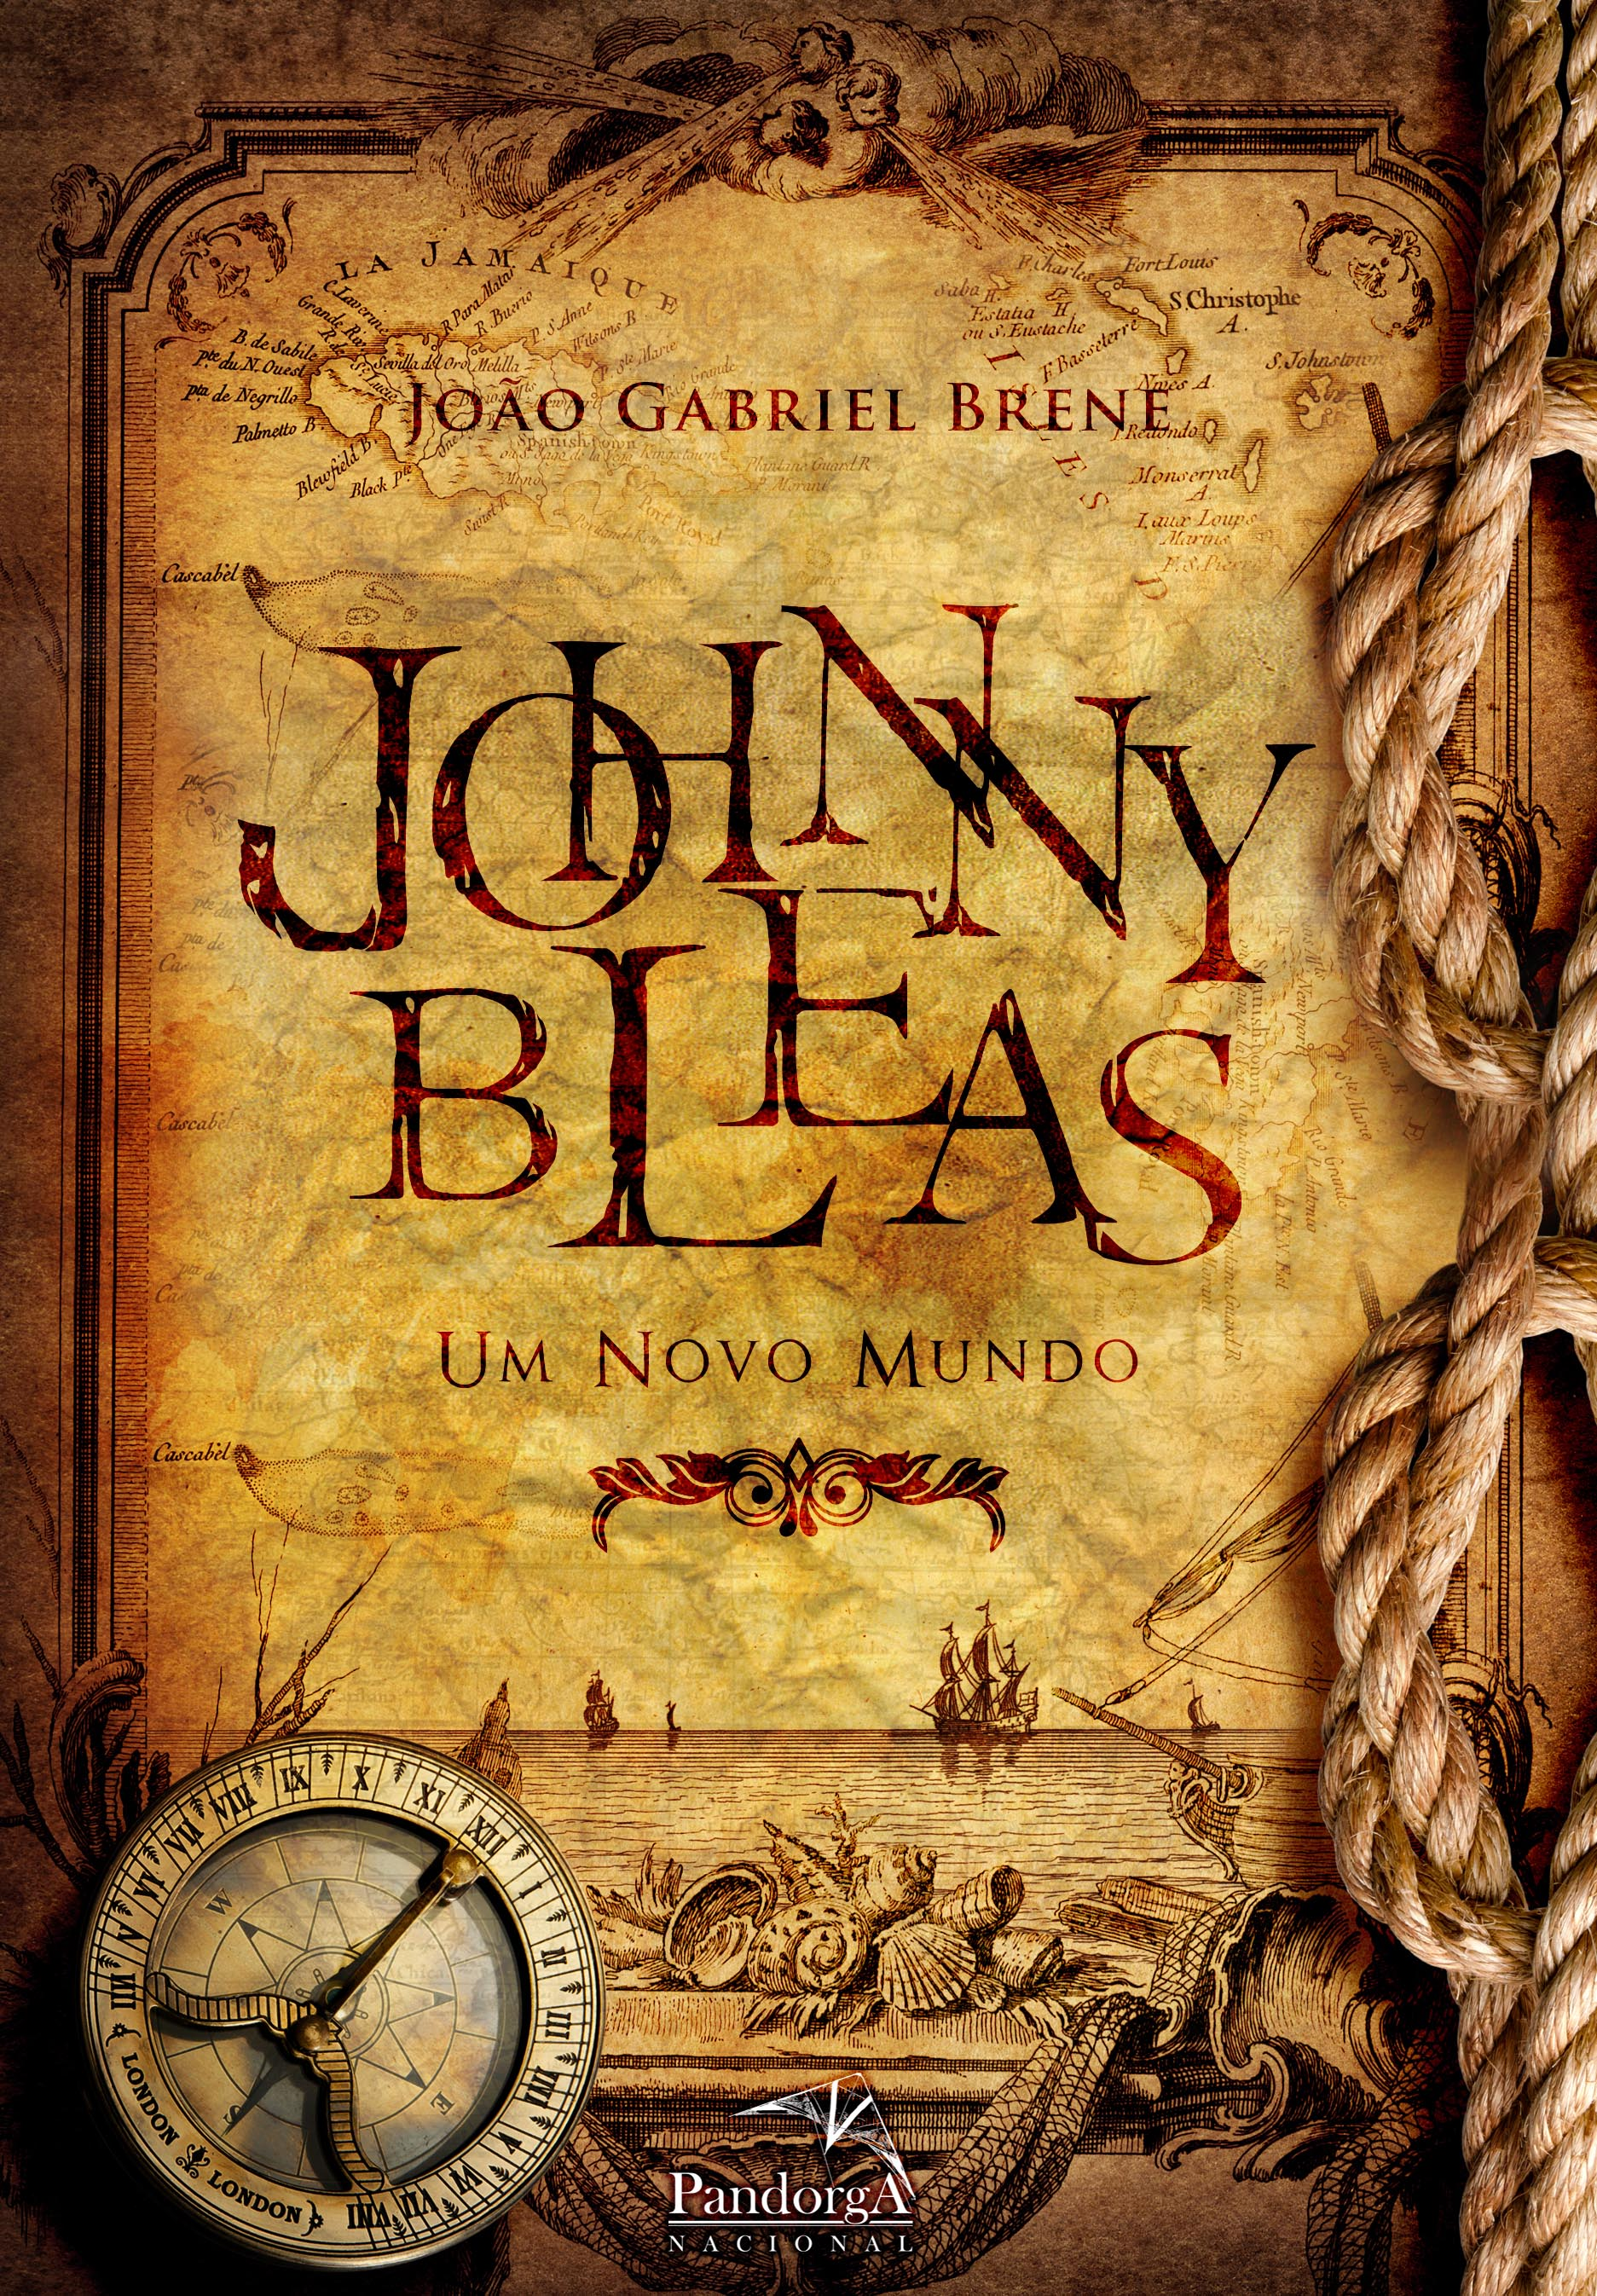 Johnny Bleas - Um Novo Mundo